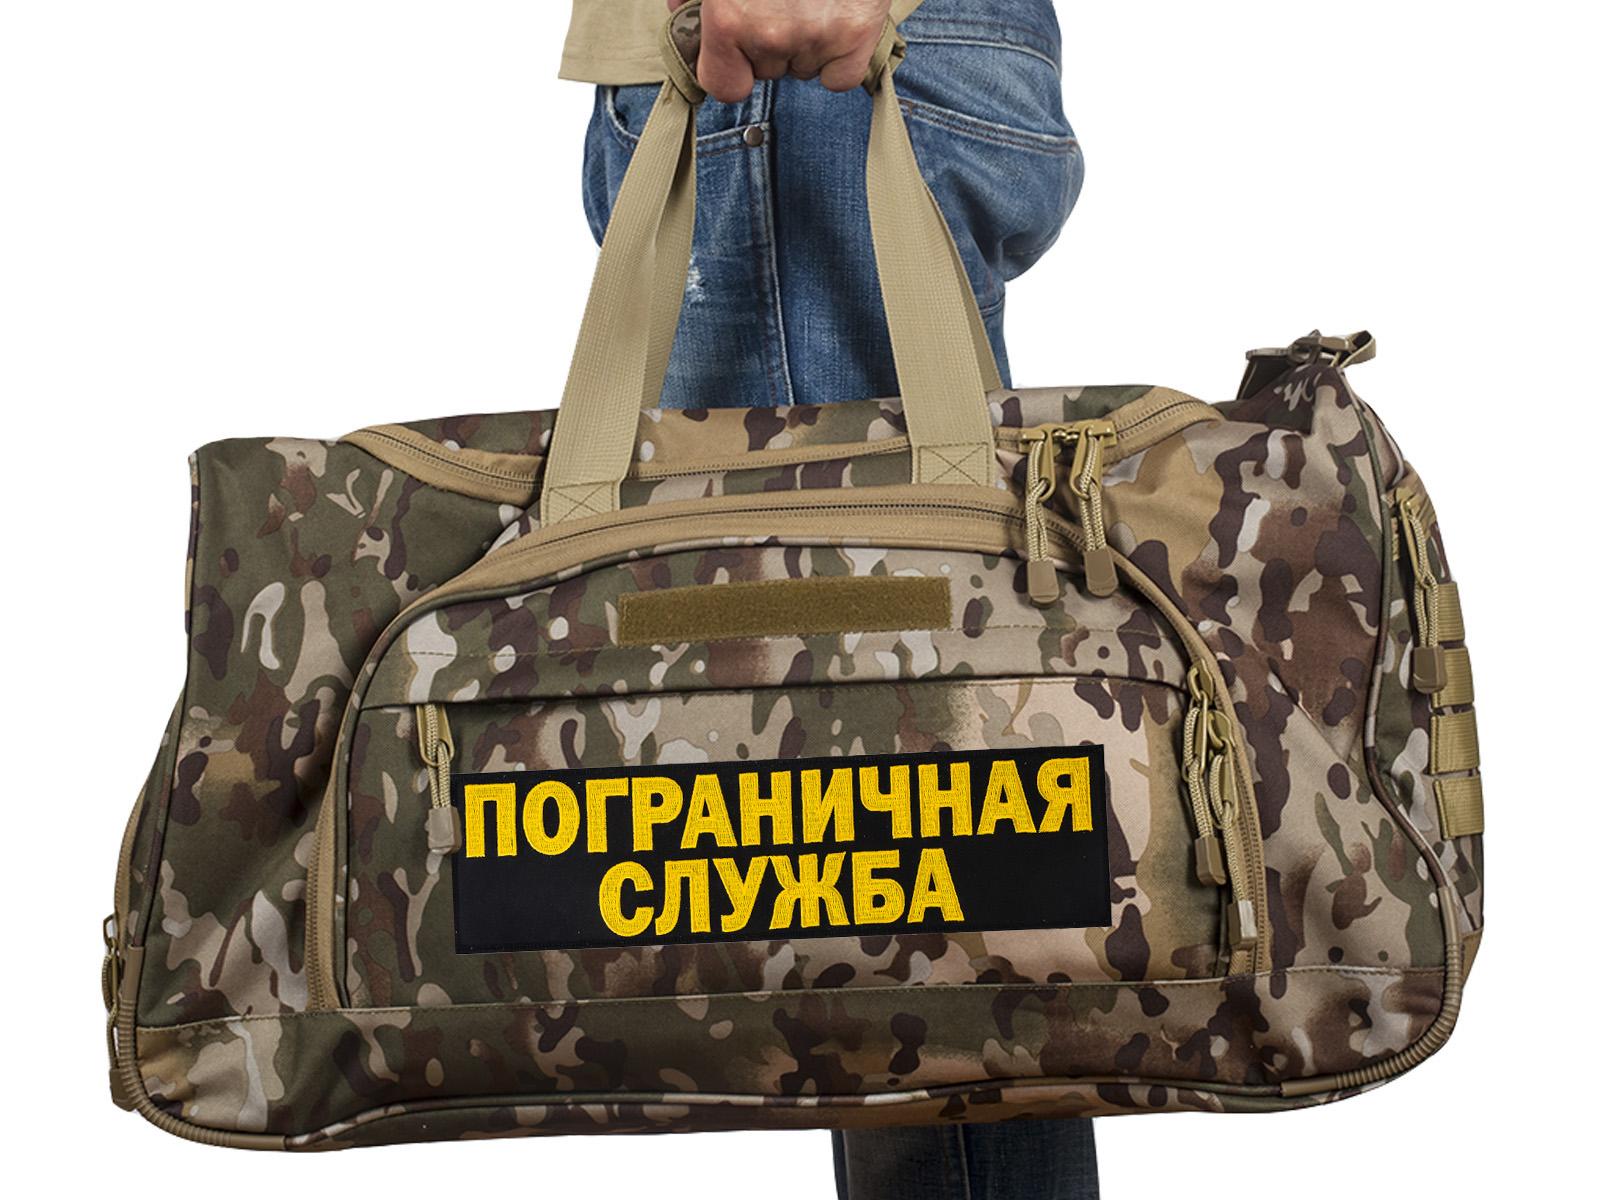 Купить военную тревожную сумку 08032B Multicam с нашивкой ПС по специальной цене